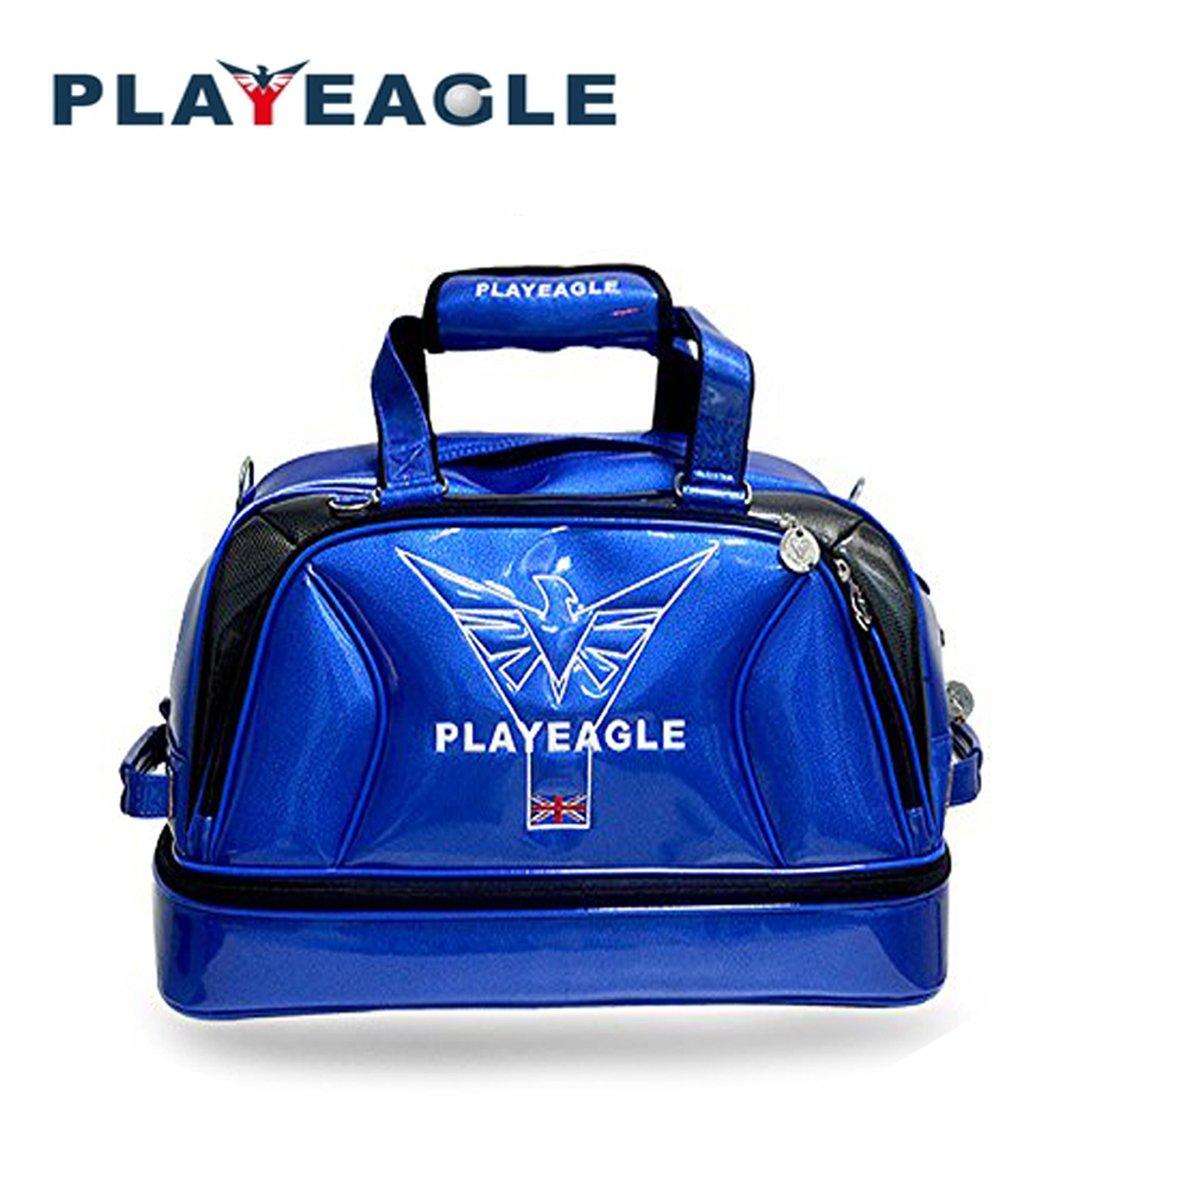 playeagle新しい到着2層メンズゴルフダッフルバッグPUスムースゴルフバッグ旅行レディース防水ボストンバッグwith靴ポケット   B07CPQ87MY